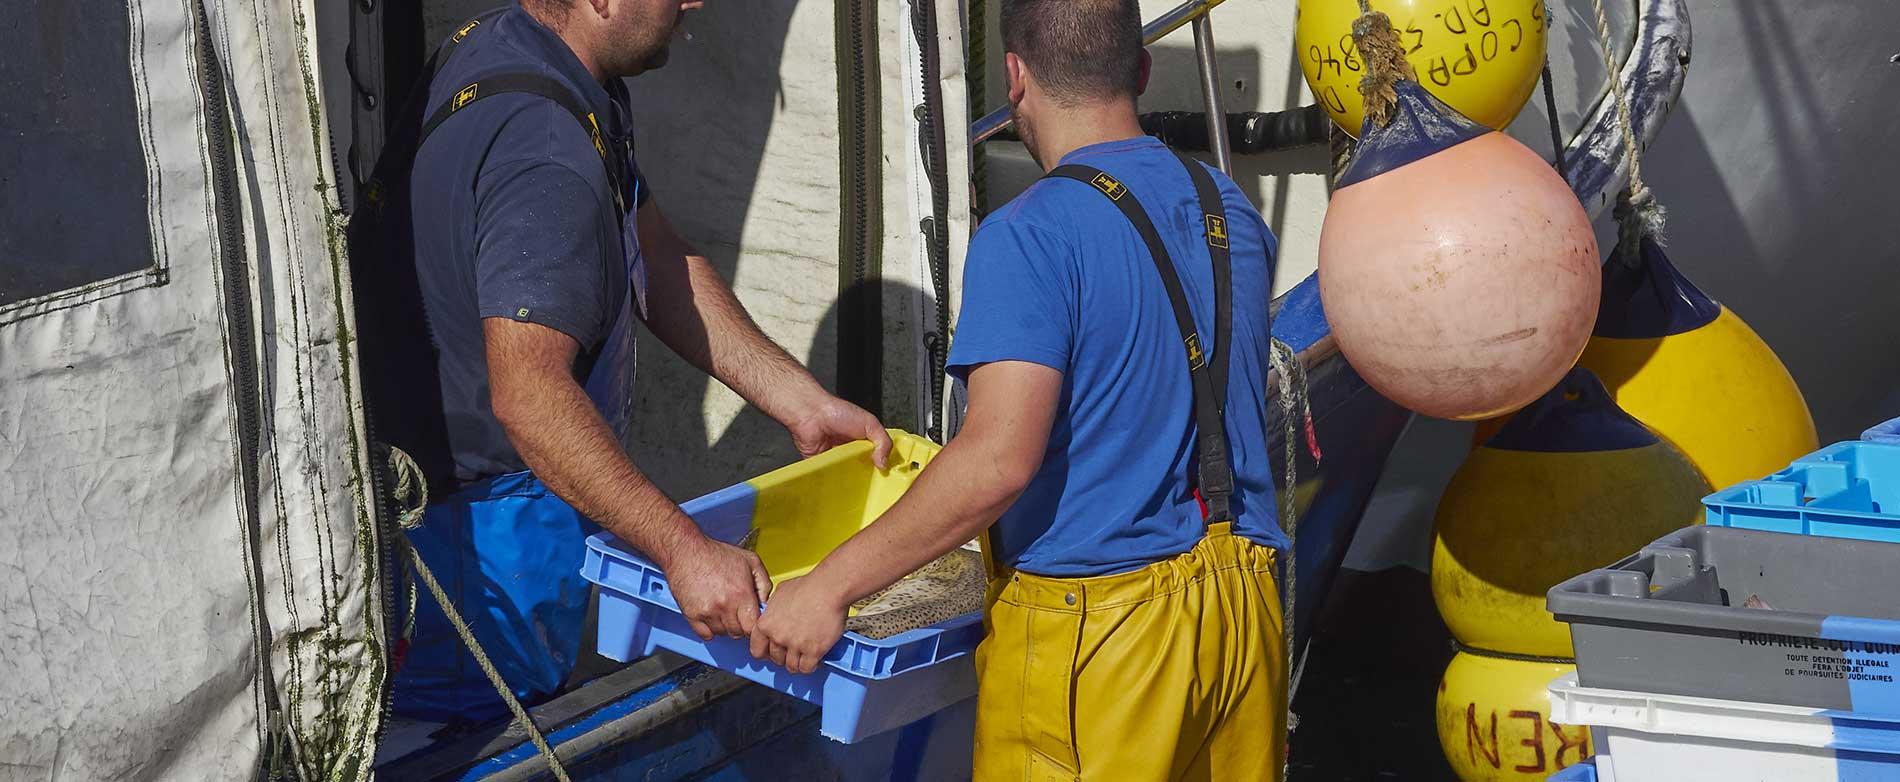 Acheter poissons et fruits de mer pendant le confinement, c'est possible !